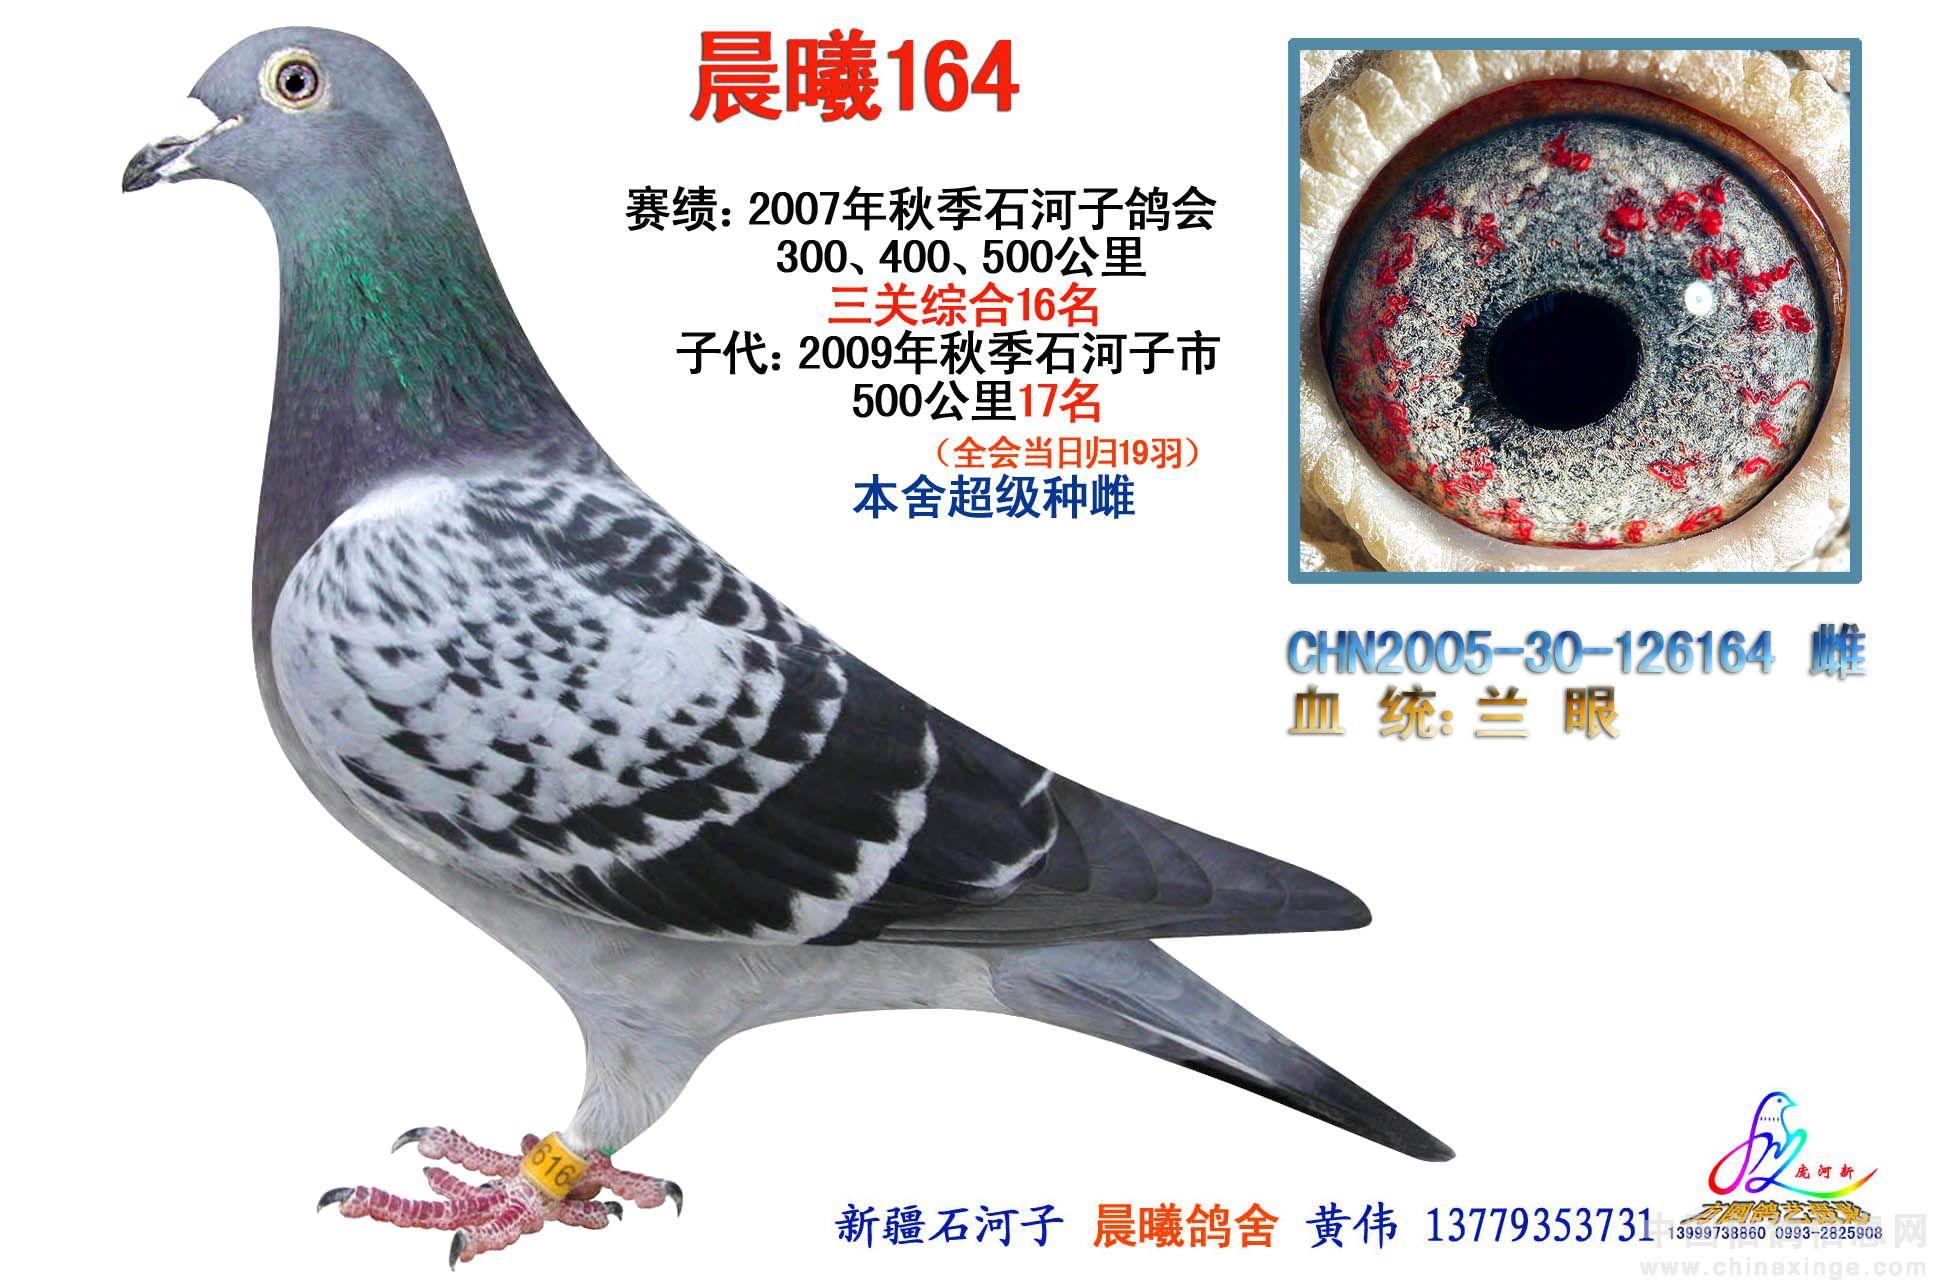 兰眼再创佳绩(图)-新疆石河子方圆鸽舍-中国信鸽信息图片